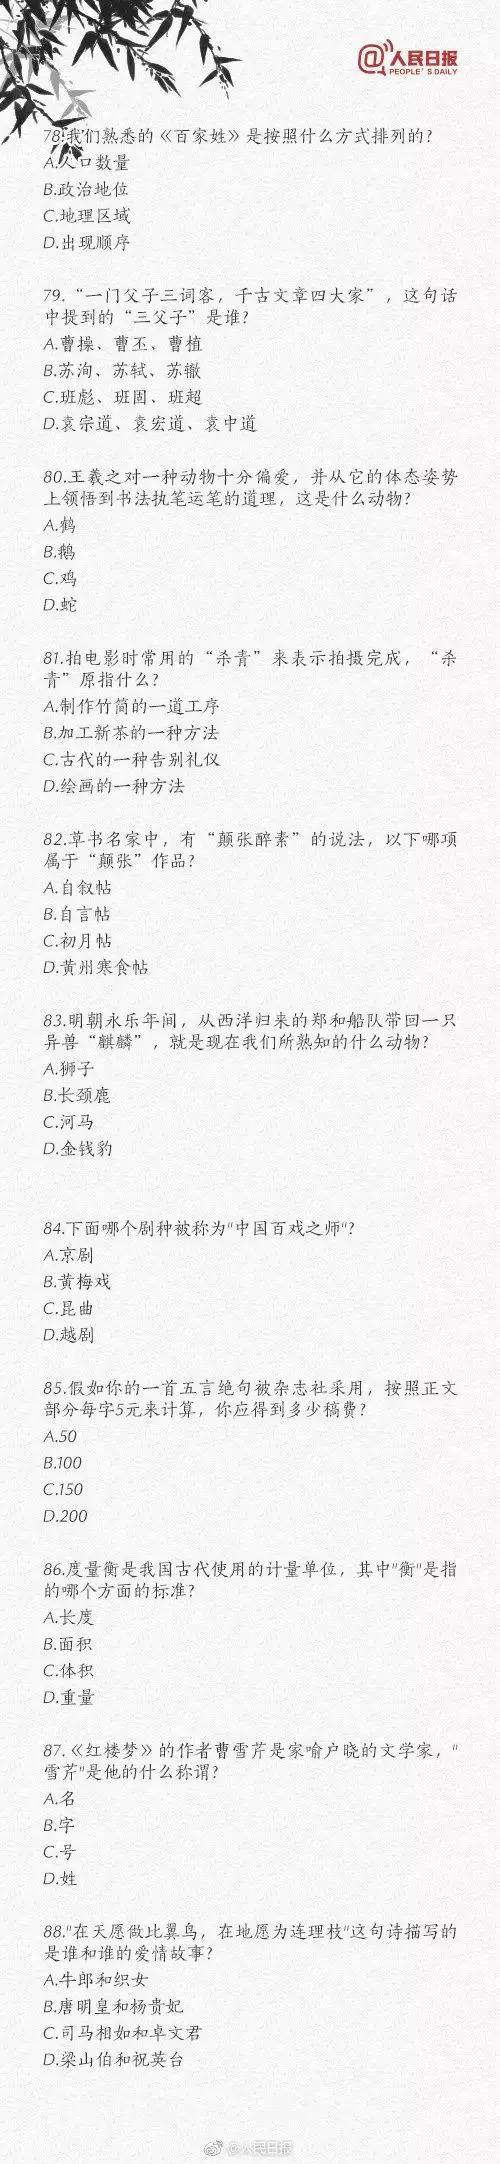 必赢娱乐官方网站 8